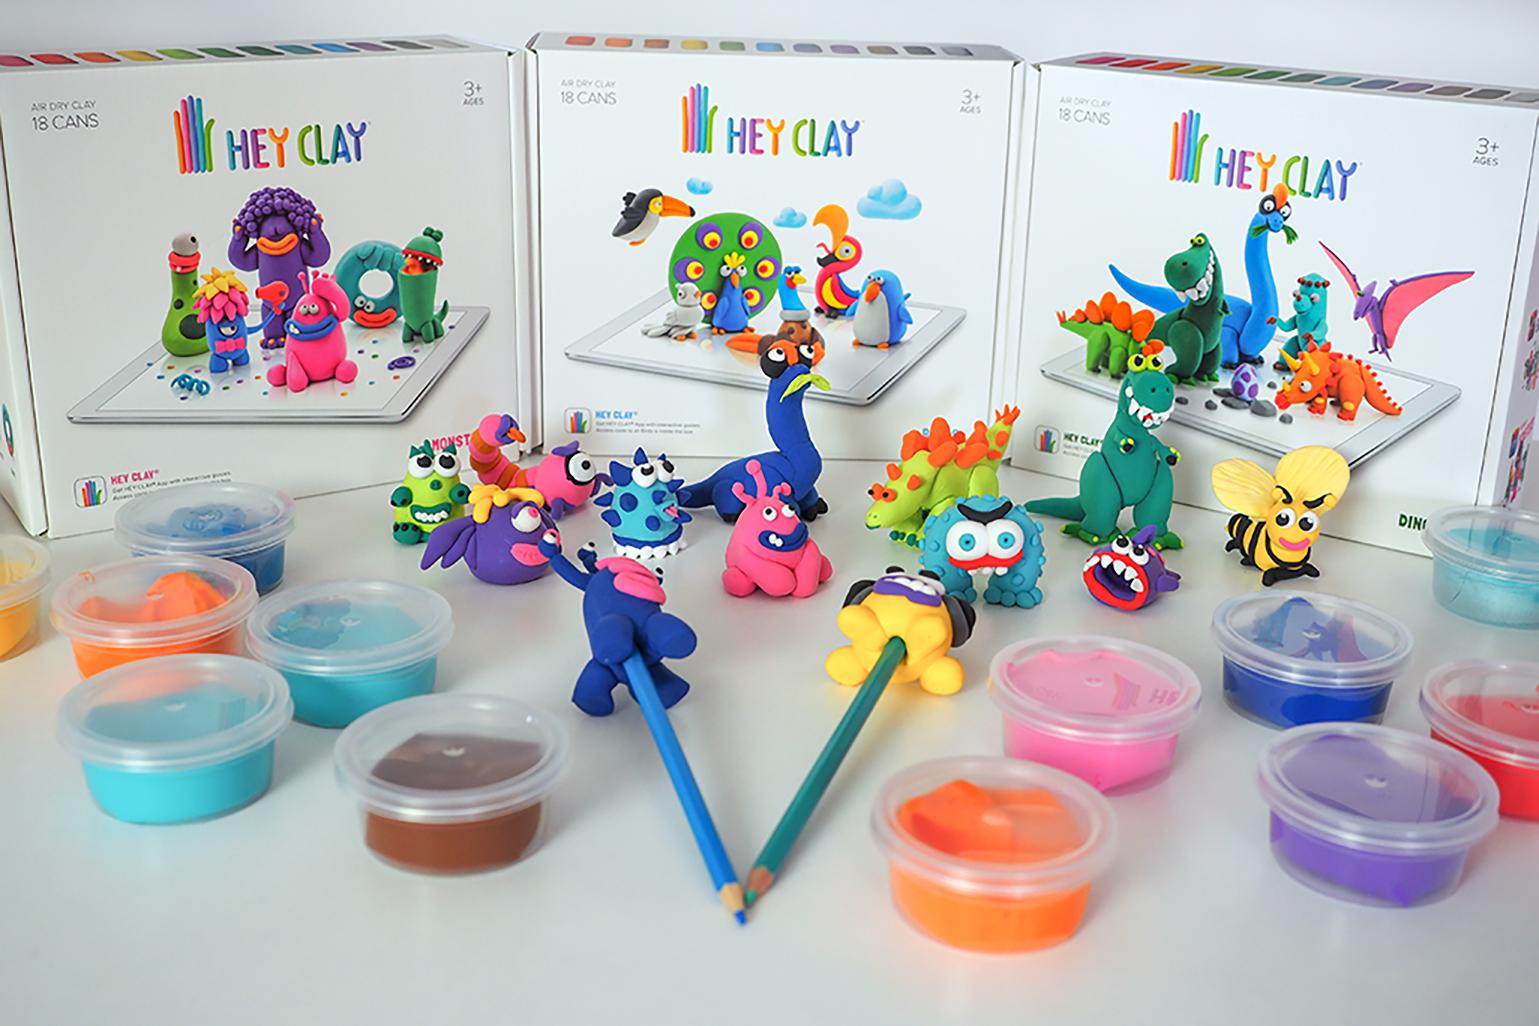 figurki z plasteliny, zwierzątka z plasteliny, hey clay, masa plastyczna samoutwardzalna, masy plastyczne dla dzieci